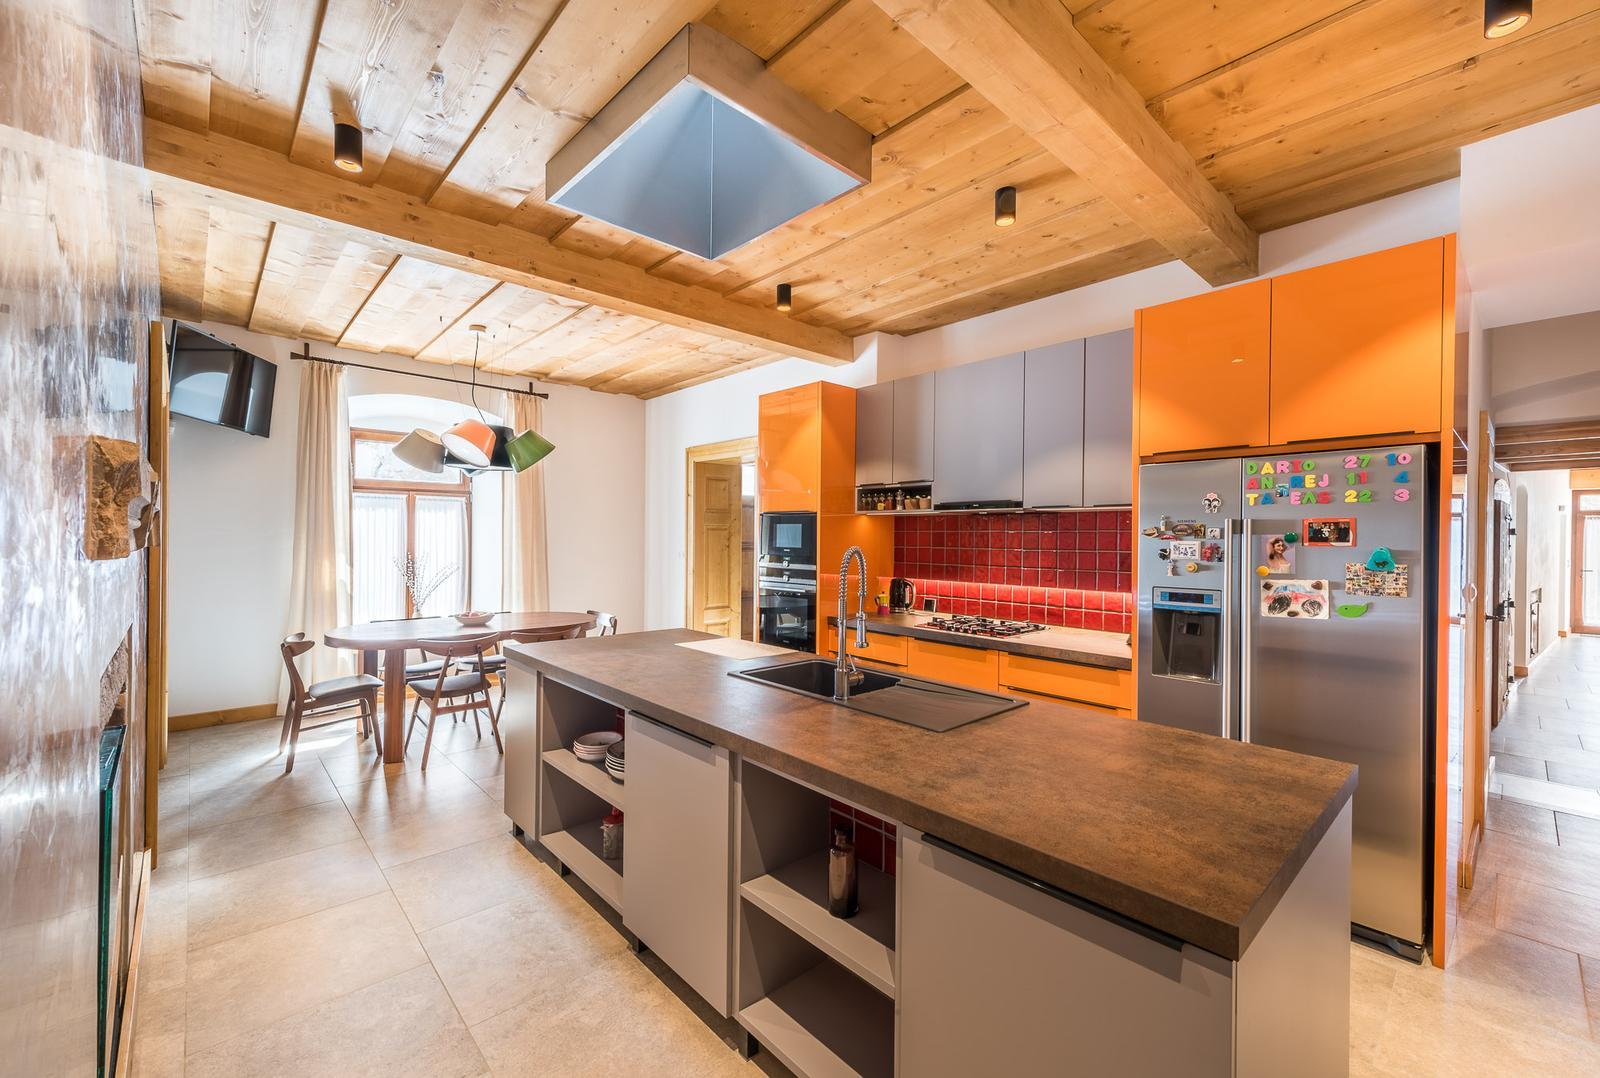 Nové v starom alebo moderné rekonštrukcie - 3 farebná kuchyňa